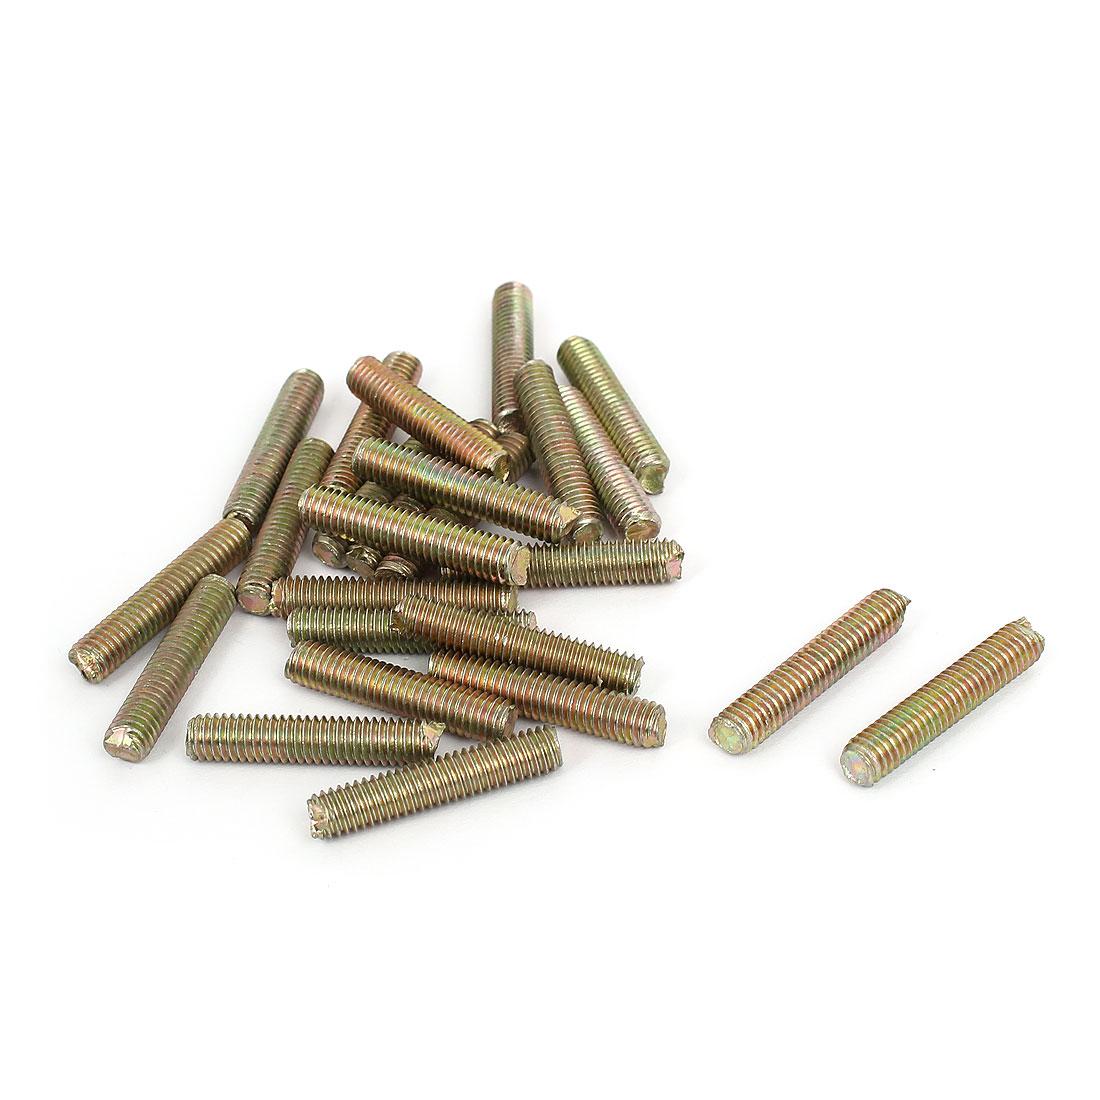 1mm Pitch M6 x 30mm Male Threaded All Thread Rod Bar Stud Bronze Tone 25Pcs